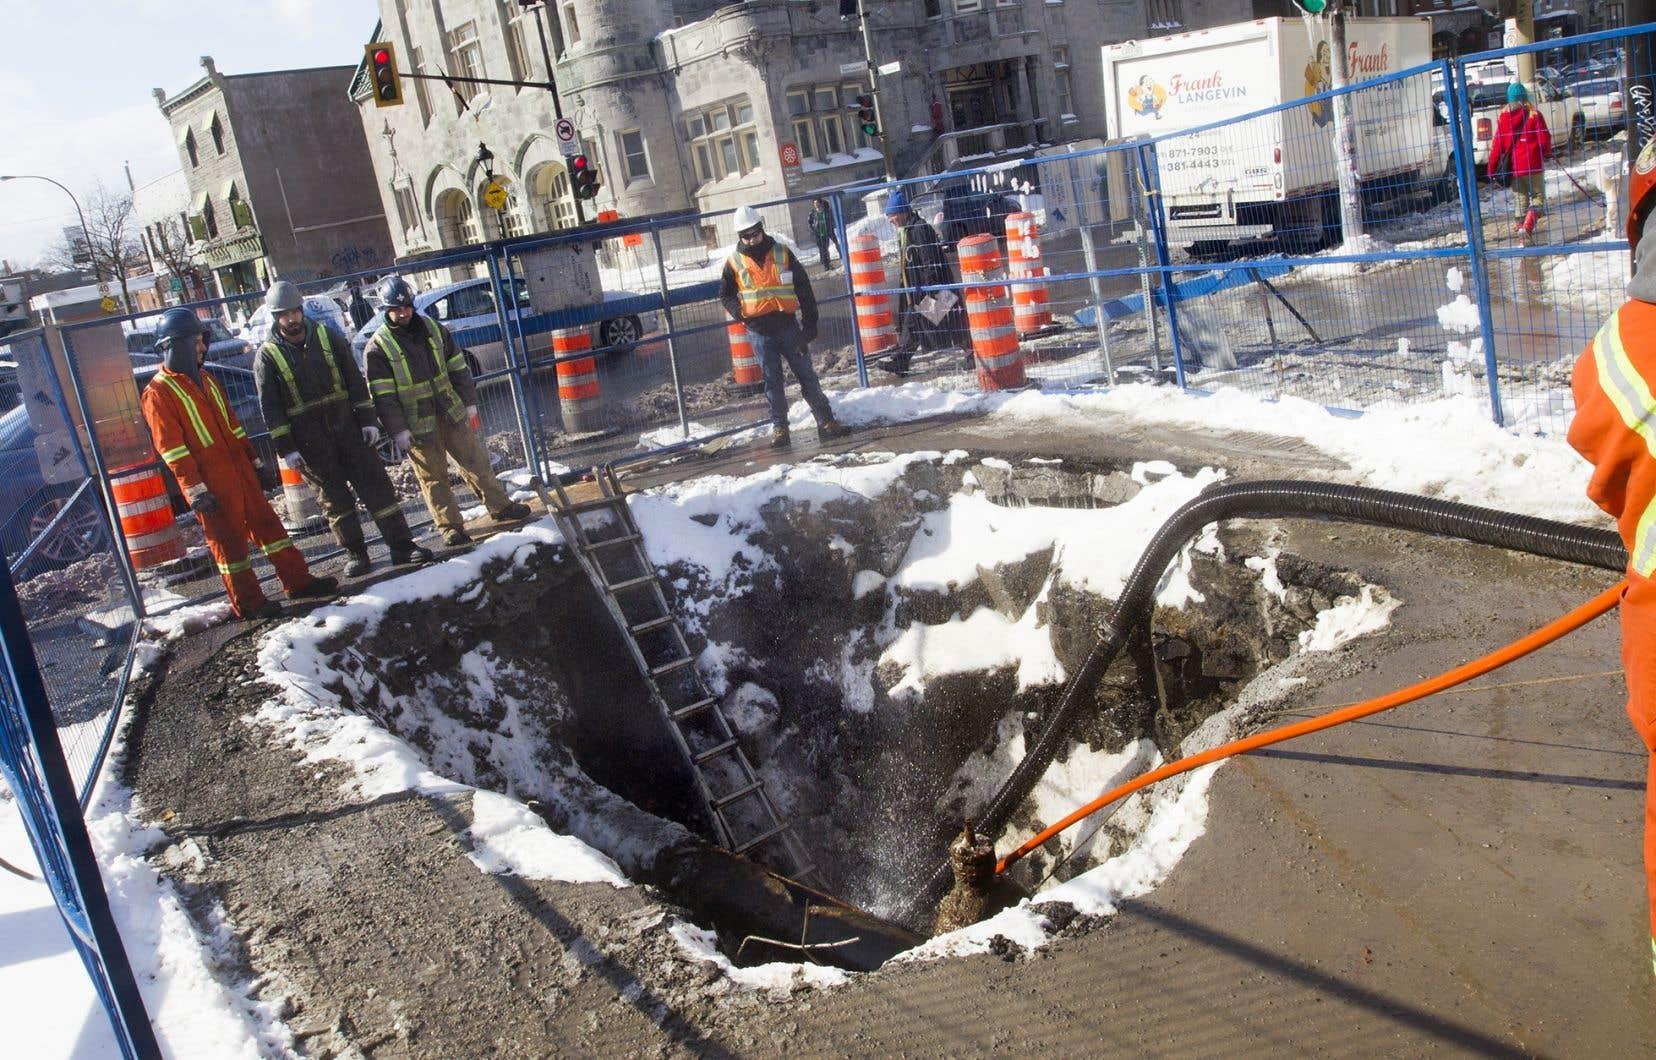 À Montréal, la production d'eau potable a diminué de 24% depuis 2001, mais elle demeure élevée, à 767 litres par personne par jour.Les pertes dans le réseau souterrain sont aussi importantes avec un taux de 30%.